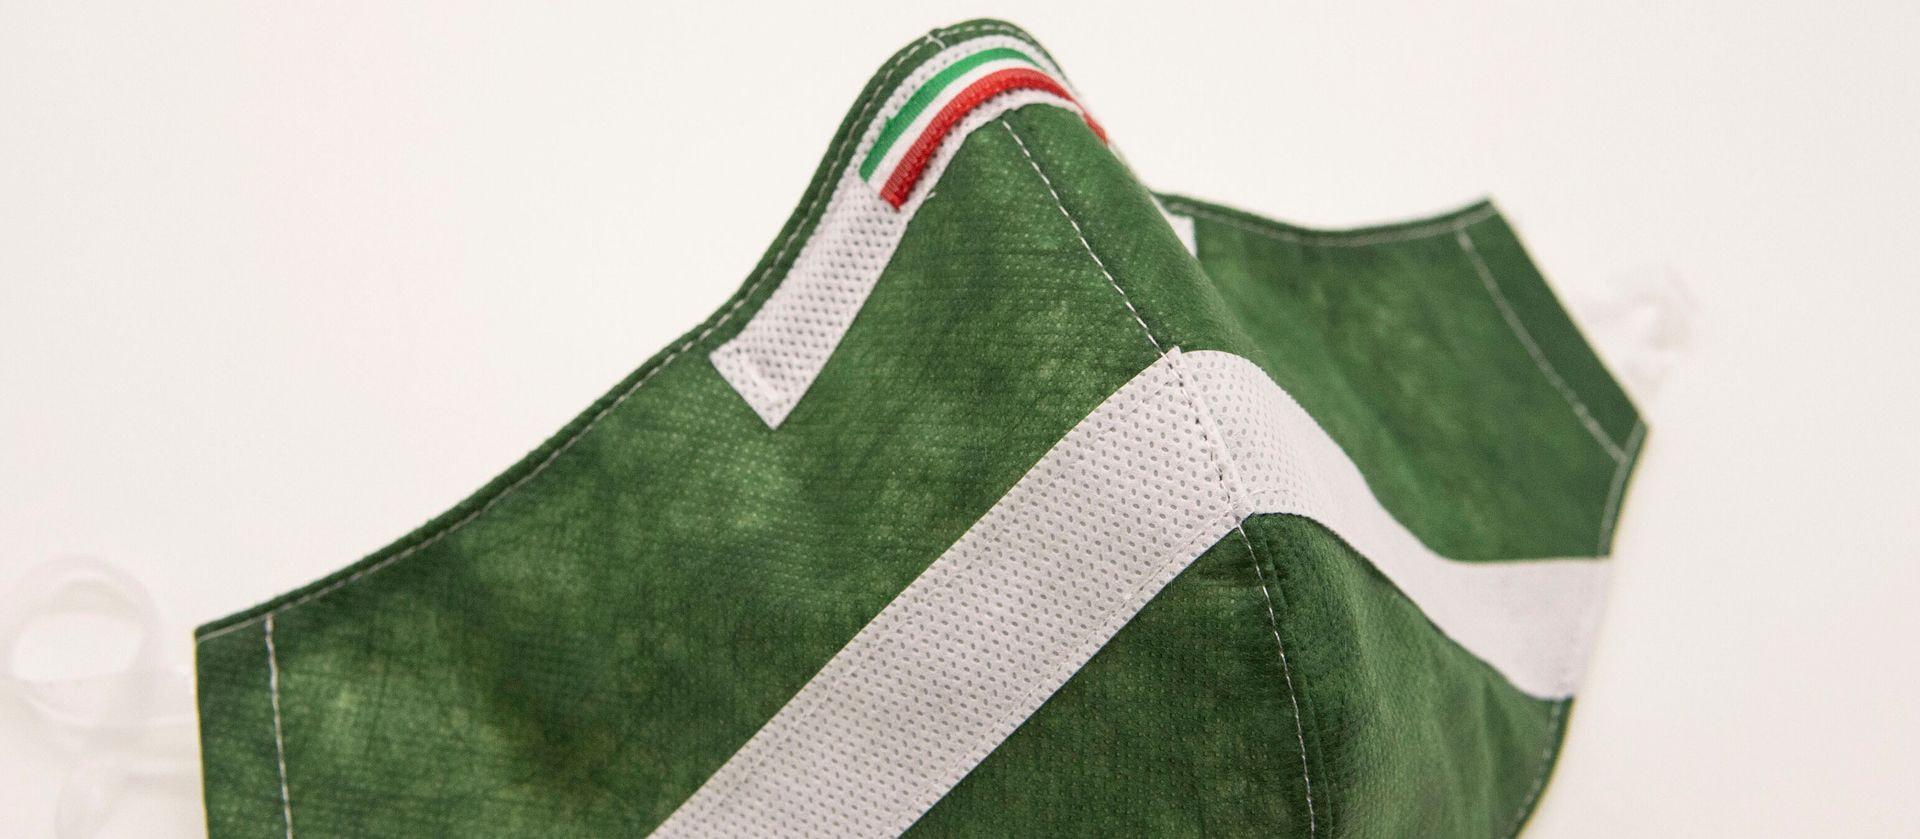 Mascherina Protettiva Fashion Lavabile Verde Bosco